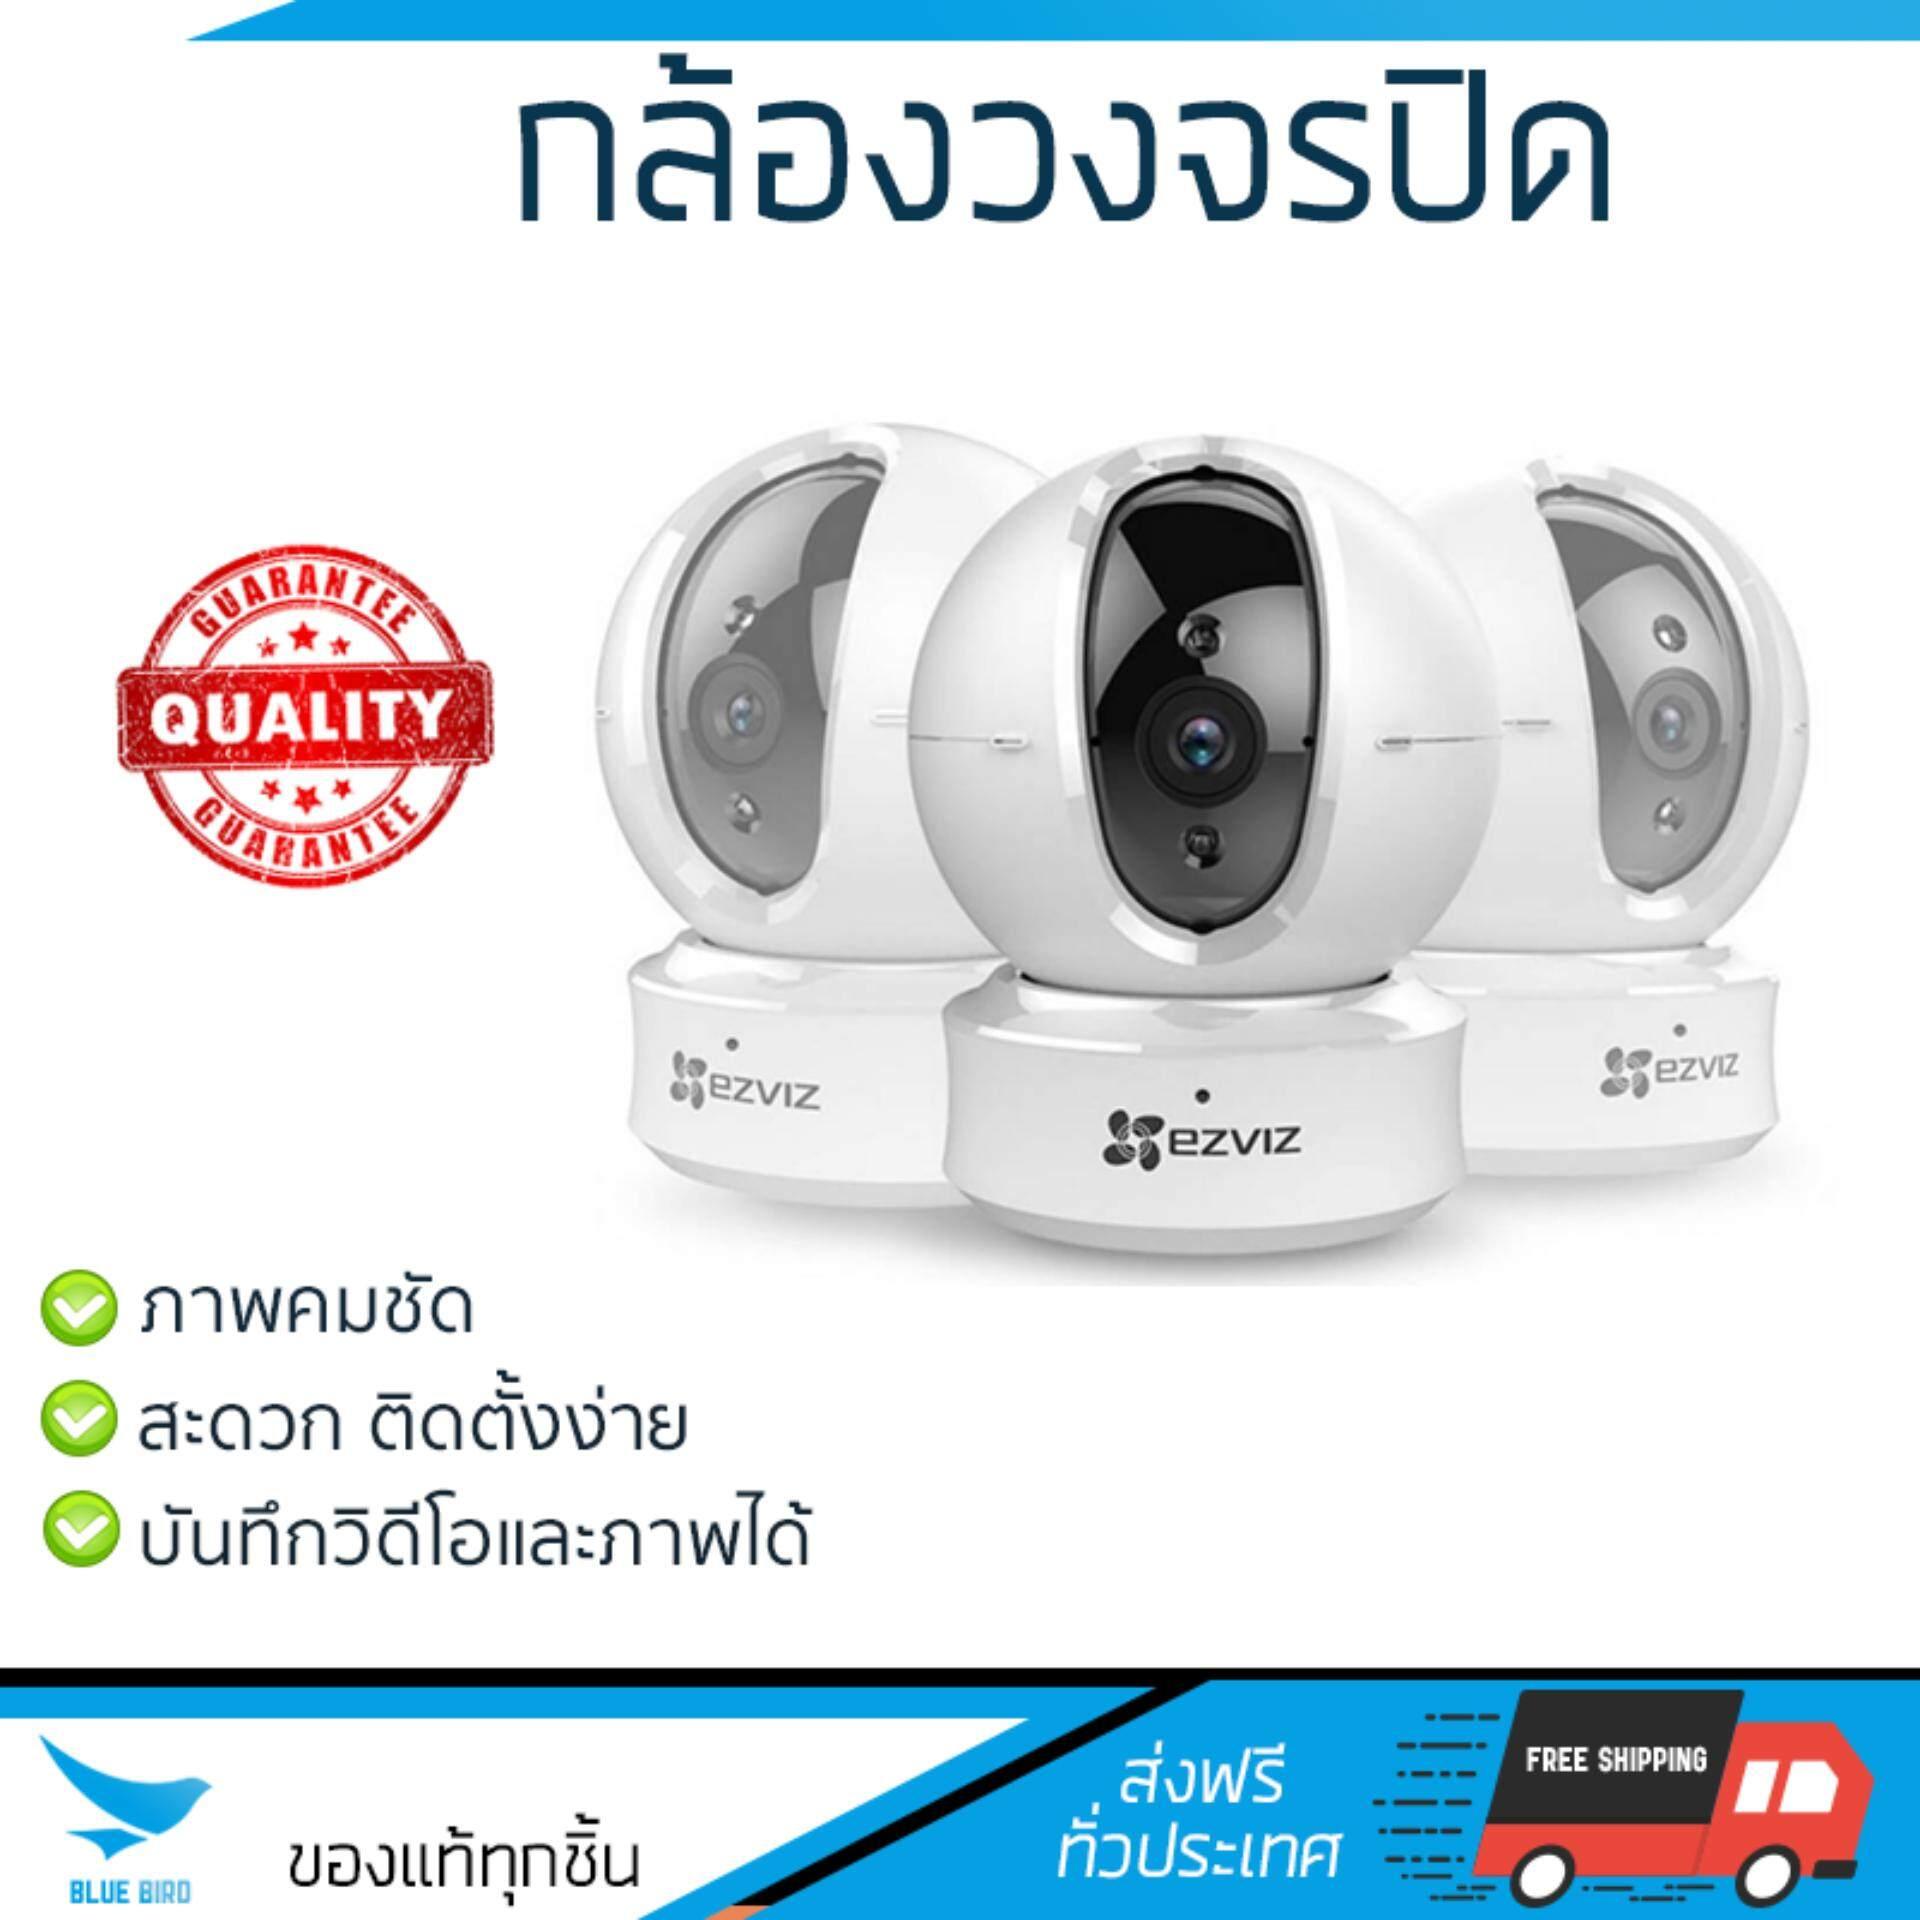 โปรโมชัน กล้องวงจรปิด           EZVIZ กล้องวงจรปิด (สีขาว) รุ่น  CV246-A03B1WFR             ภาพคมชัด ปรับมุมมองได้ กล้อง IP Camera รับประกันสินค้า 1 ปี จัดส่งฟรี Kerry ทั่วประเทศ